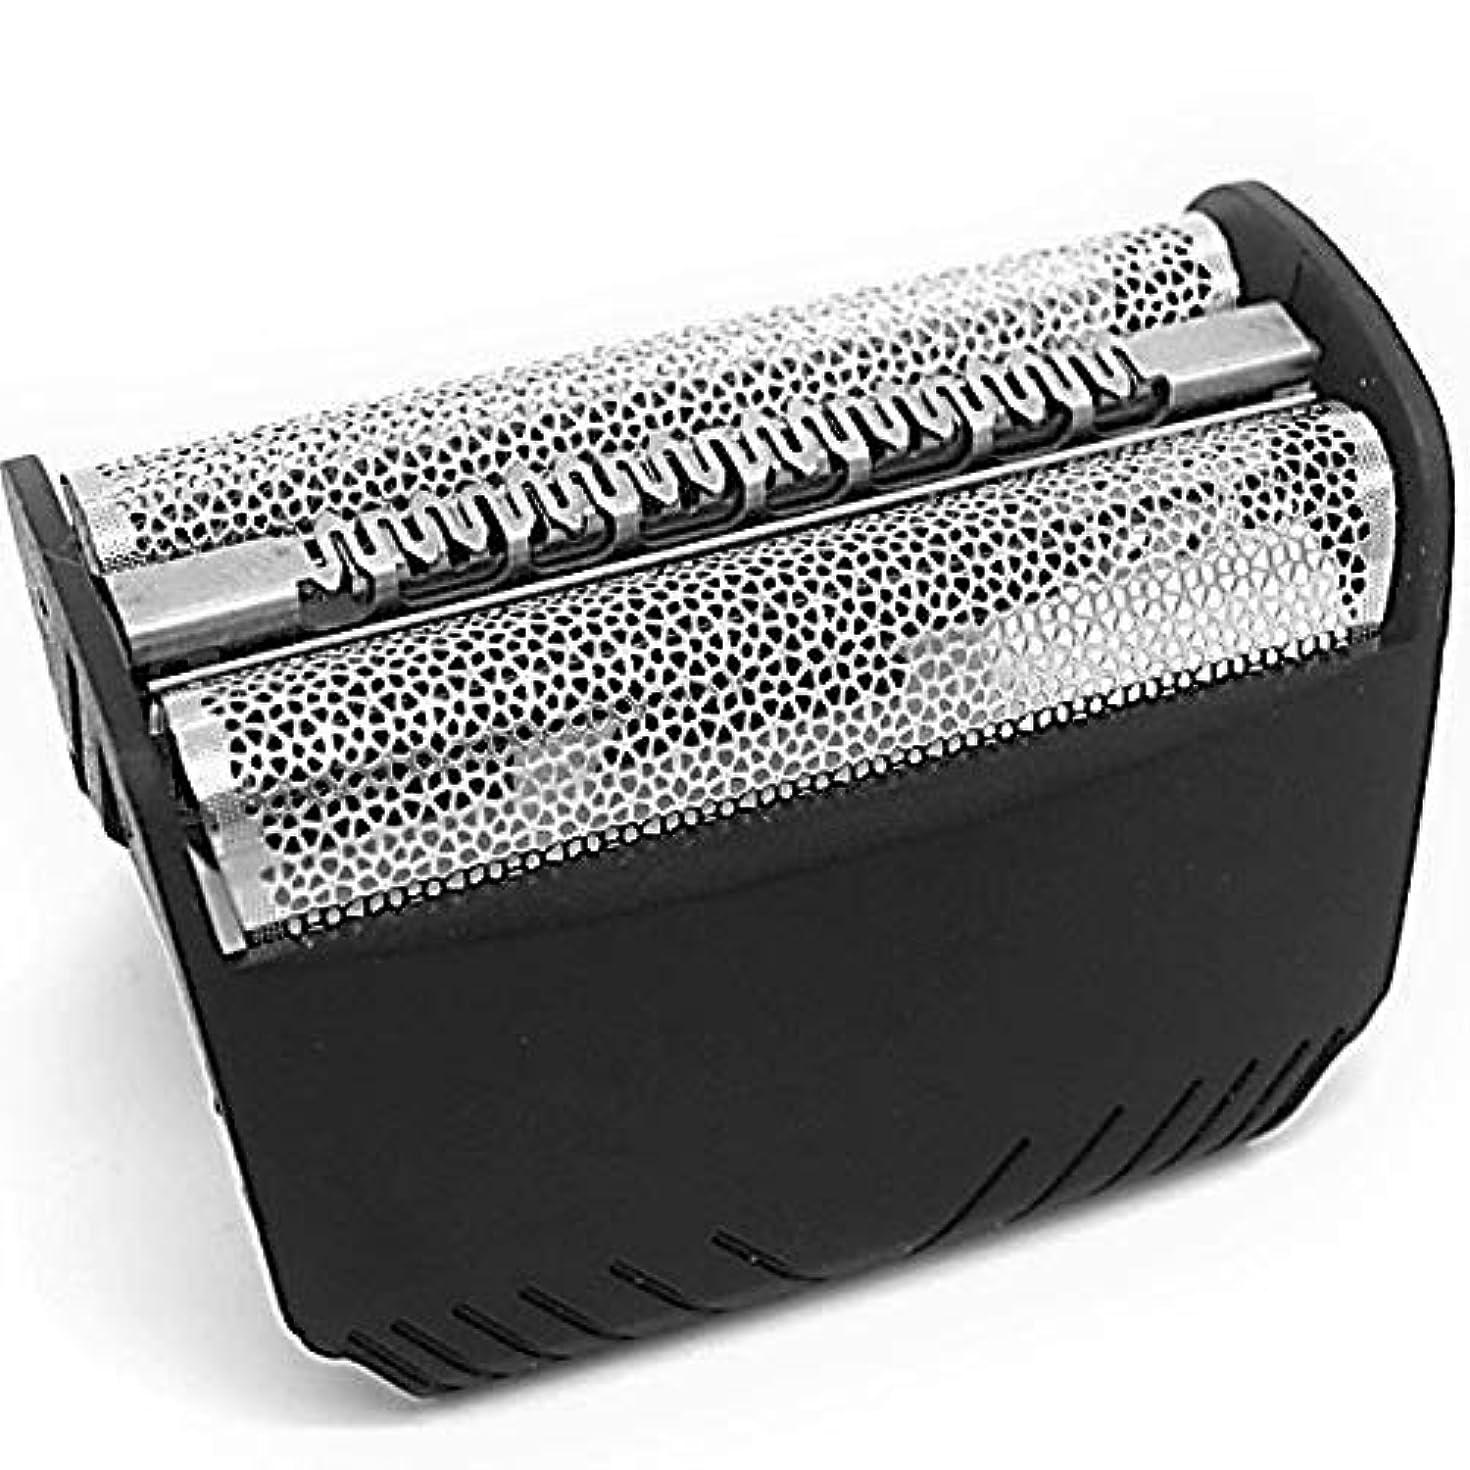 楕円形電卓庭園ブラウン BRAUN シェーバー替刃 F/C30B 網刃 のみ シリーズ1 スマートコントロール 互換品 mmokku